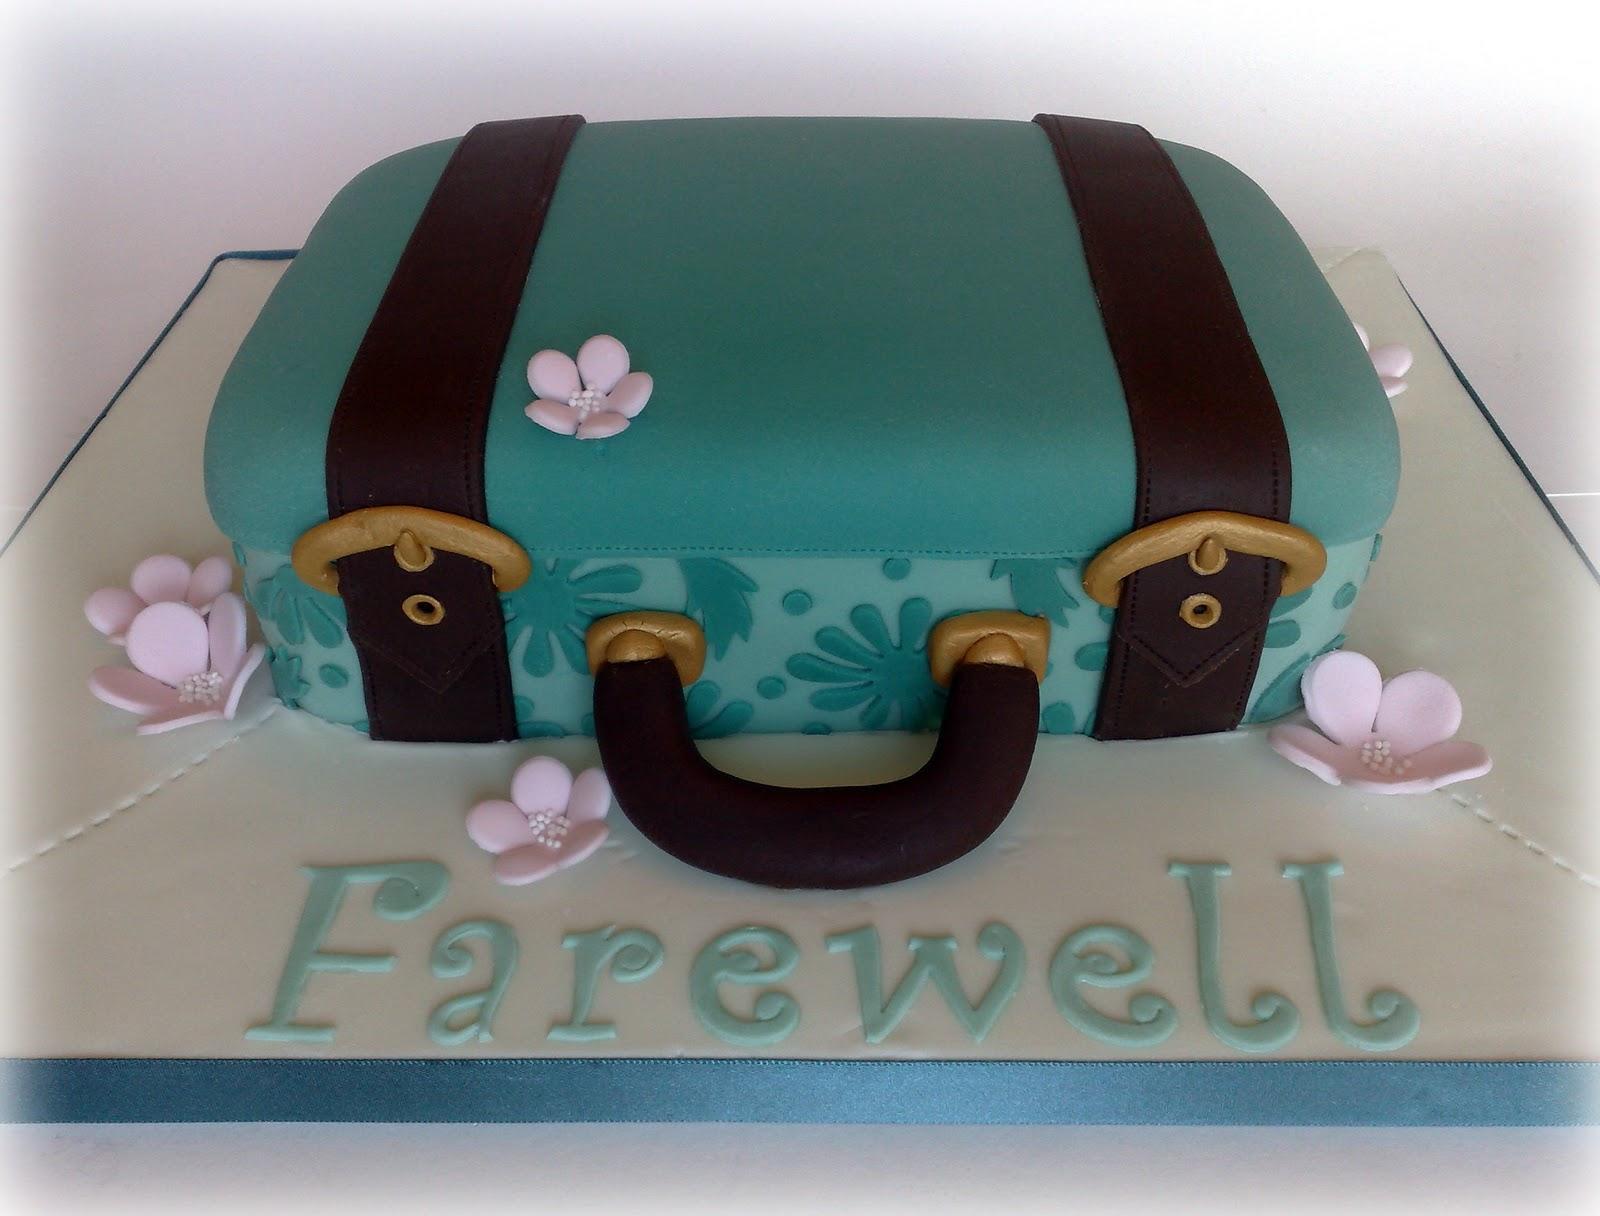 Goodbye Cake Decorating Ideas